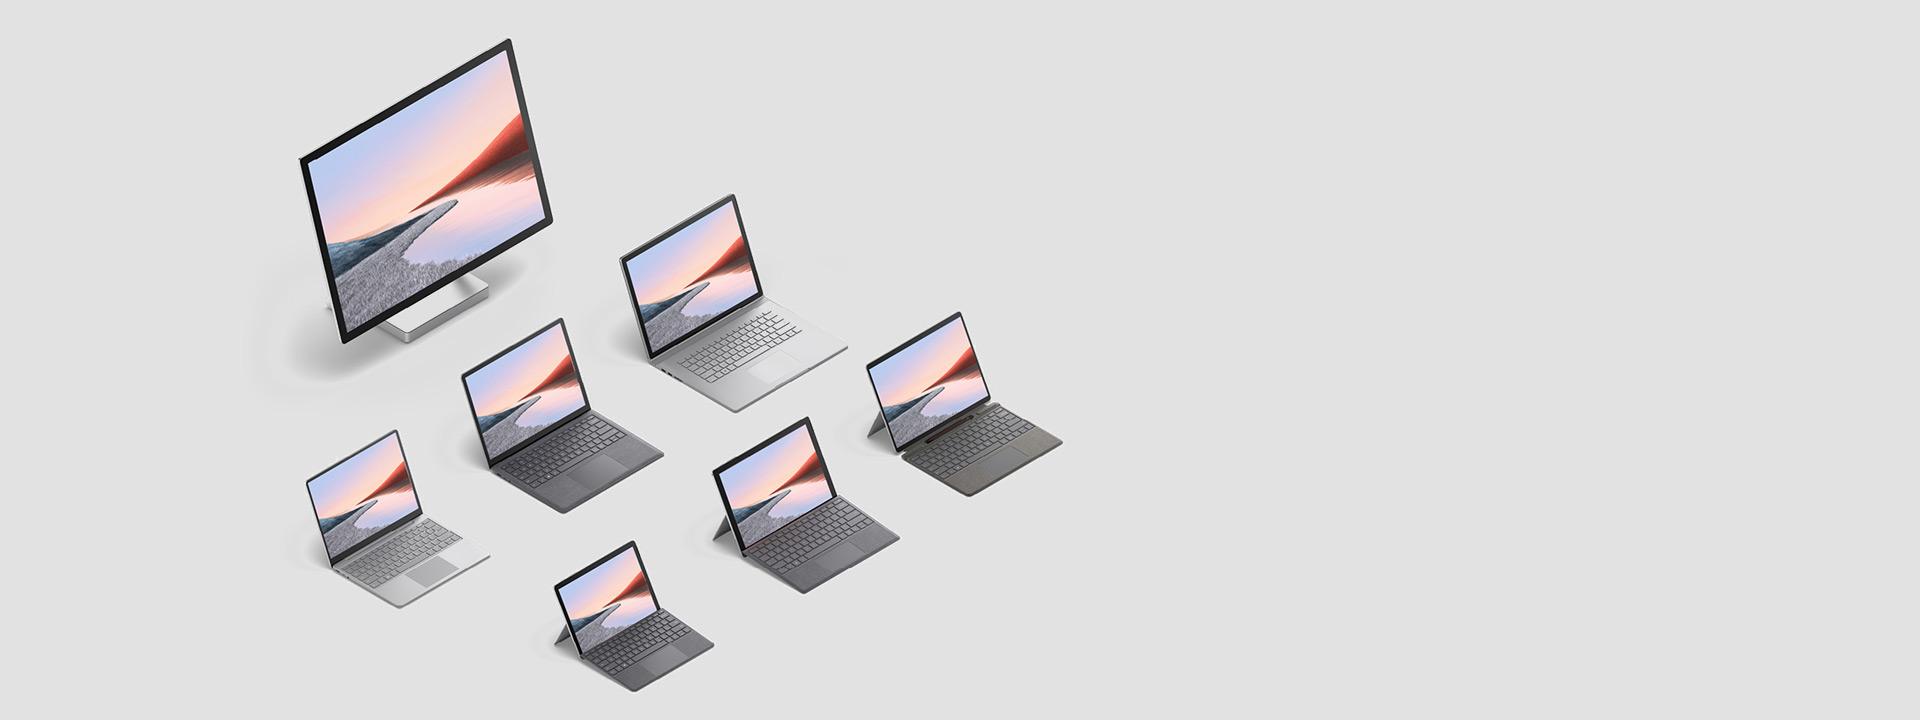 De volledige familie Surface-apparaten in platina en zwart.